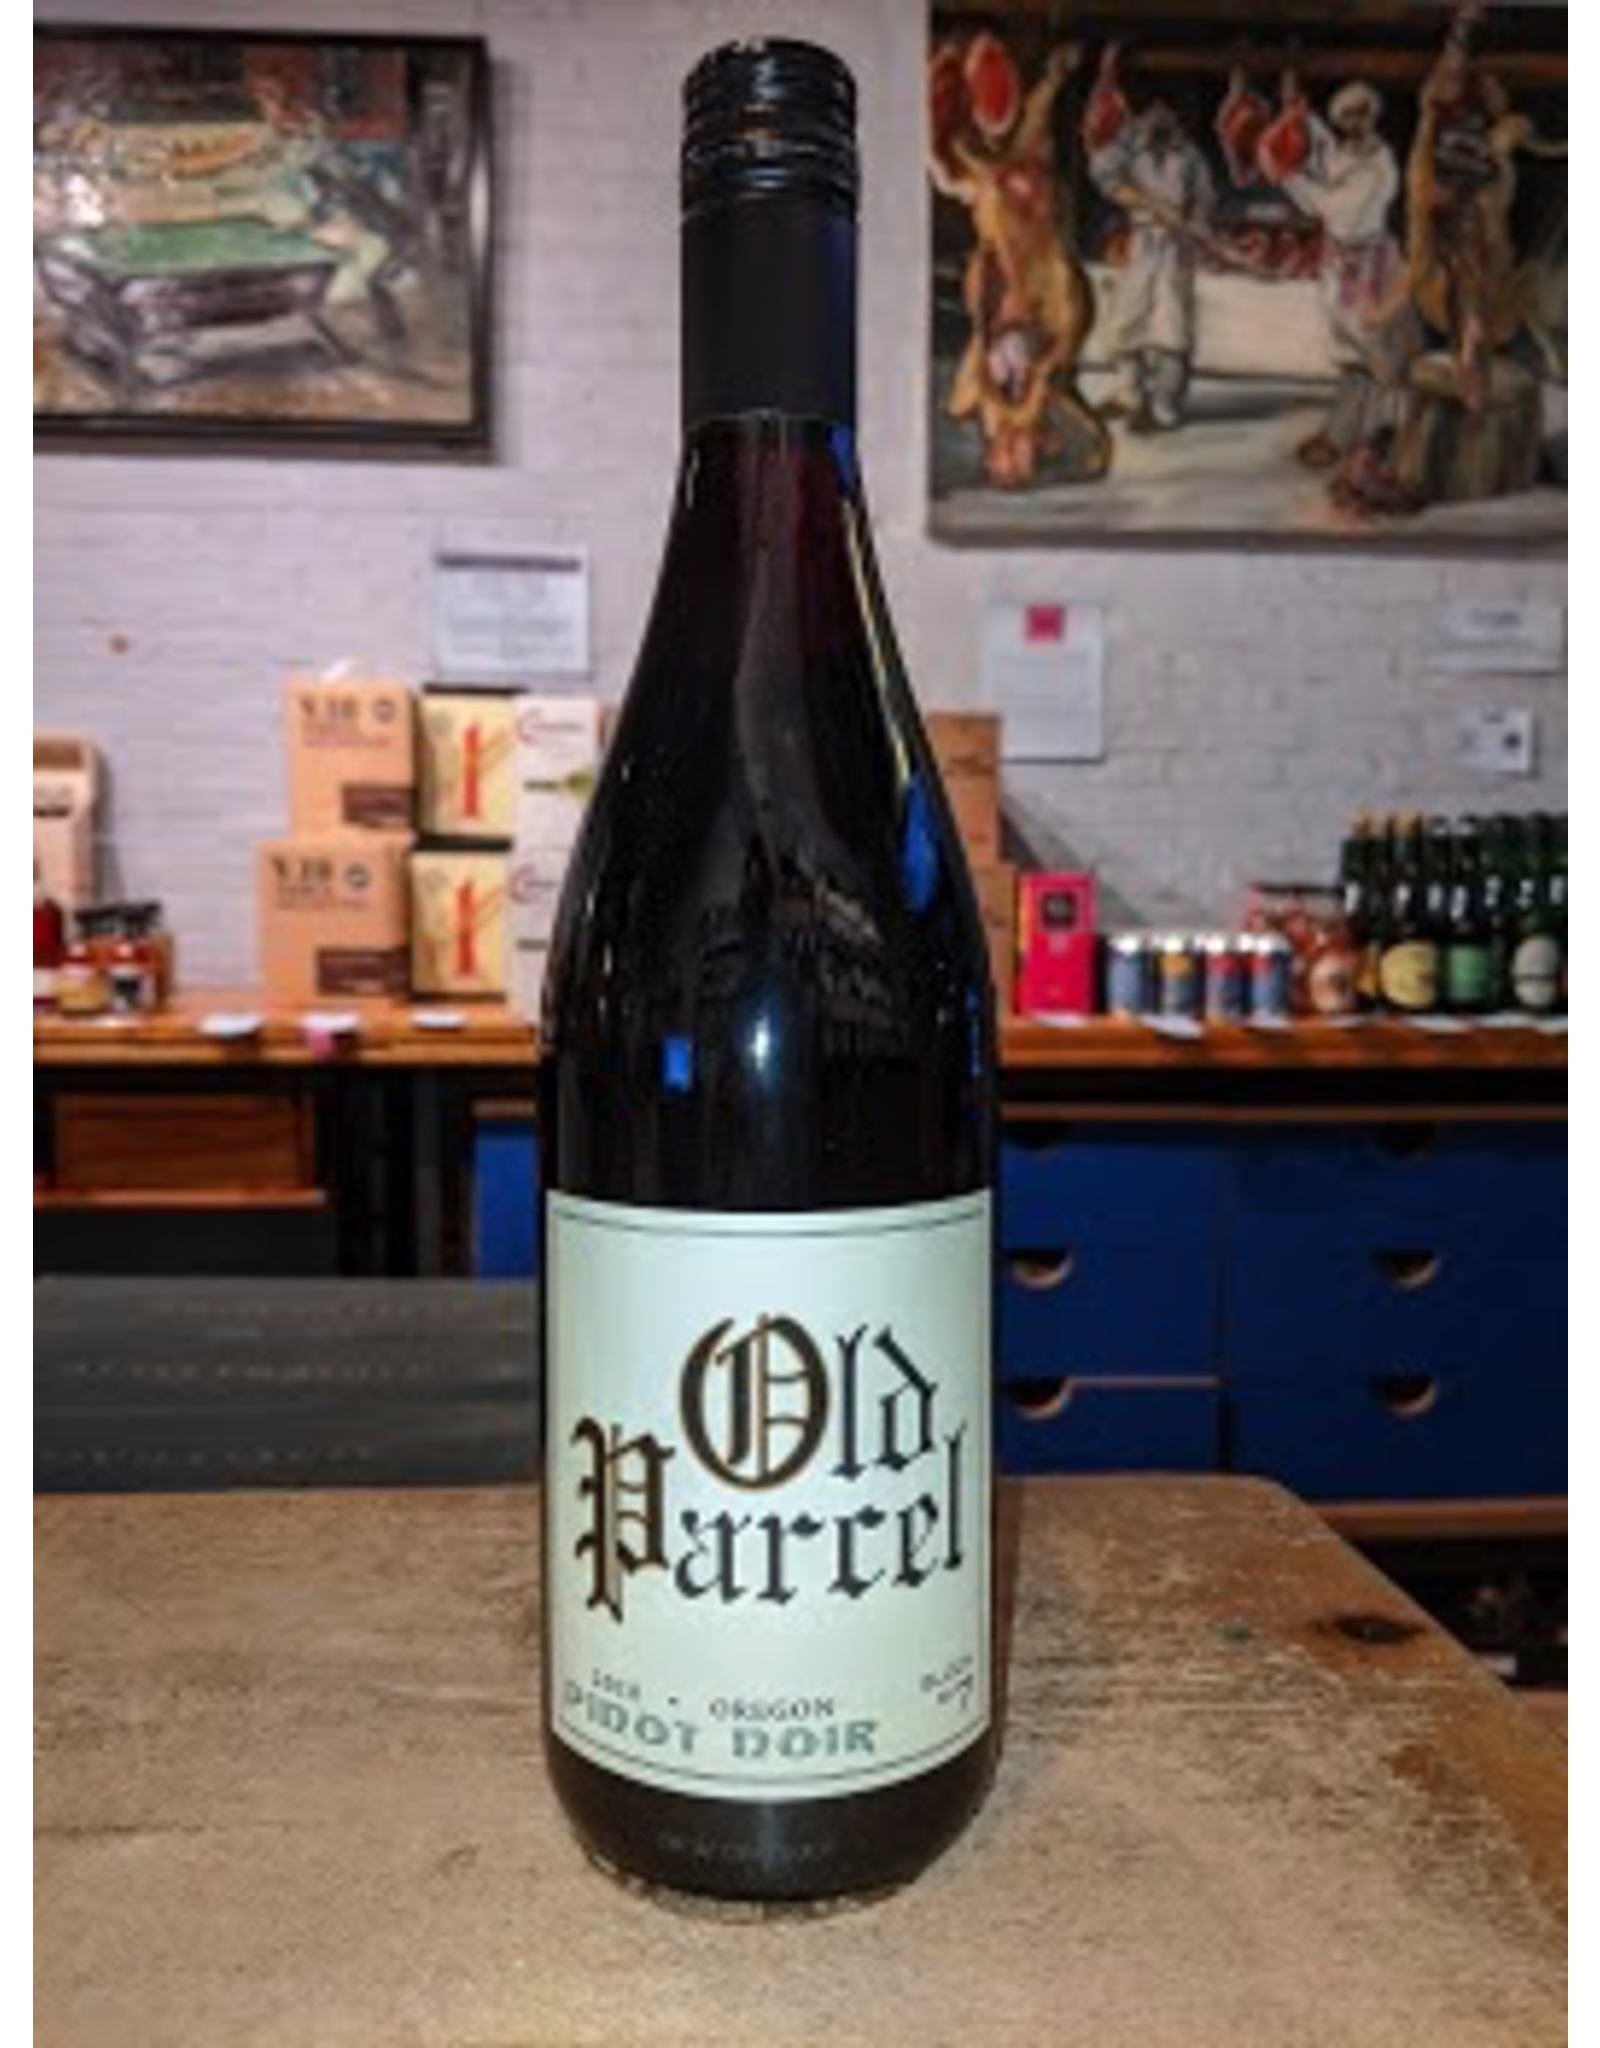 2018 Old Parcel Black No. 7 Pinot Noir - Oregon